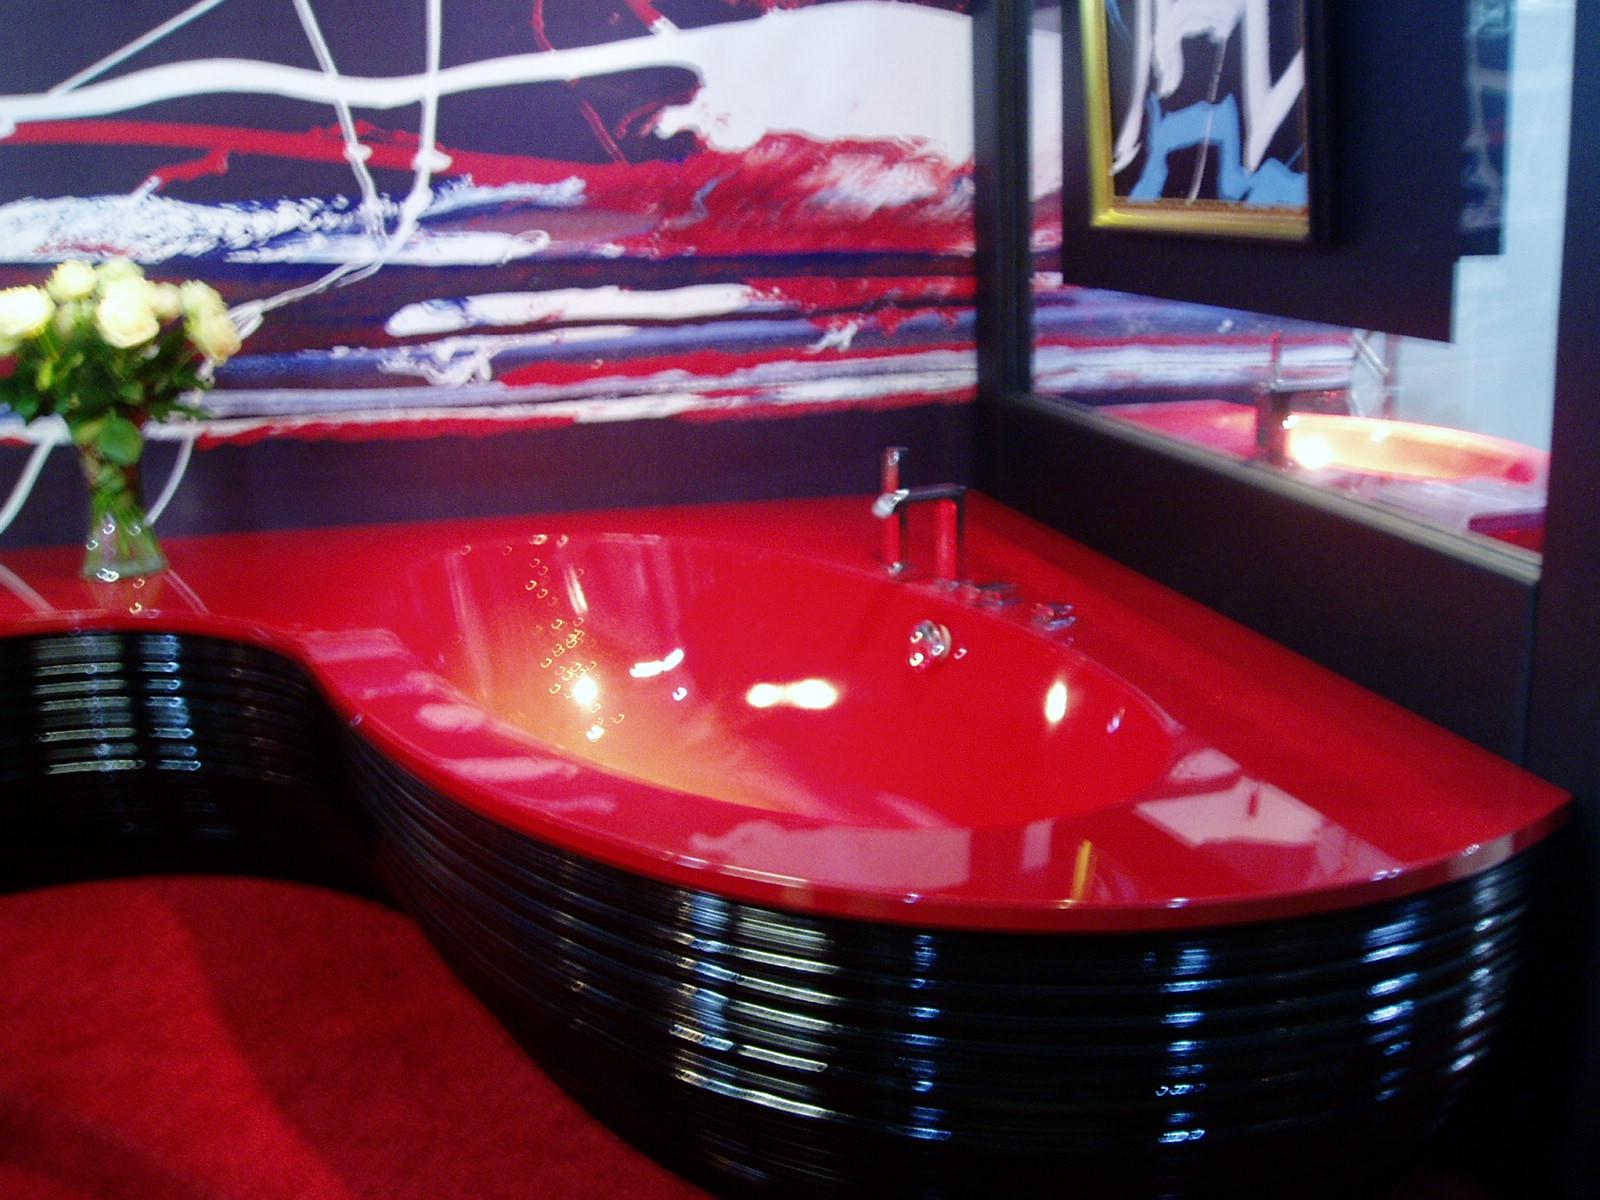 Современная ванная красного цвета сложной угловой формы